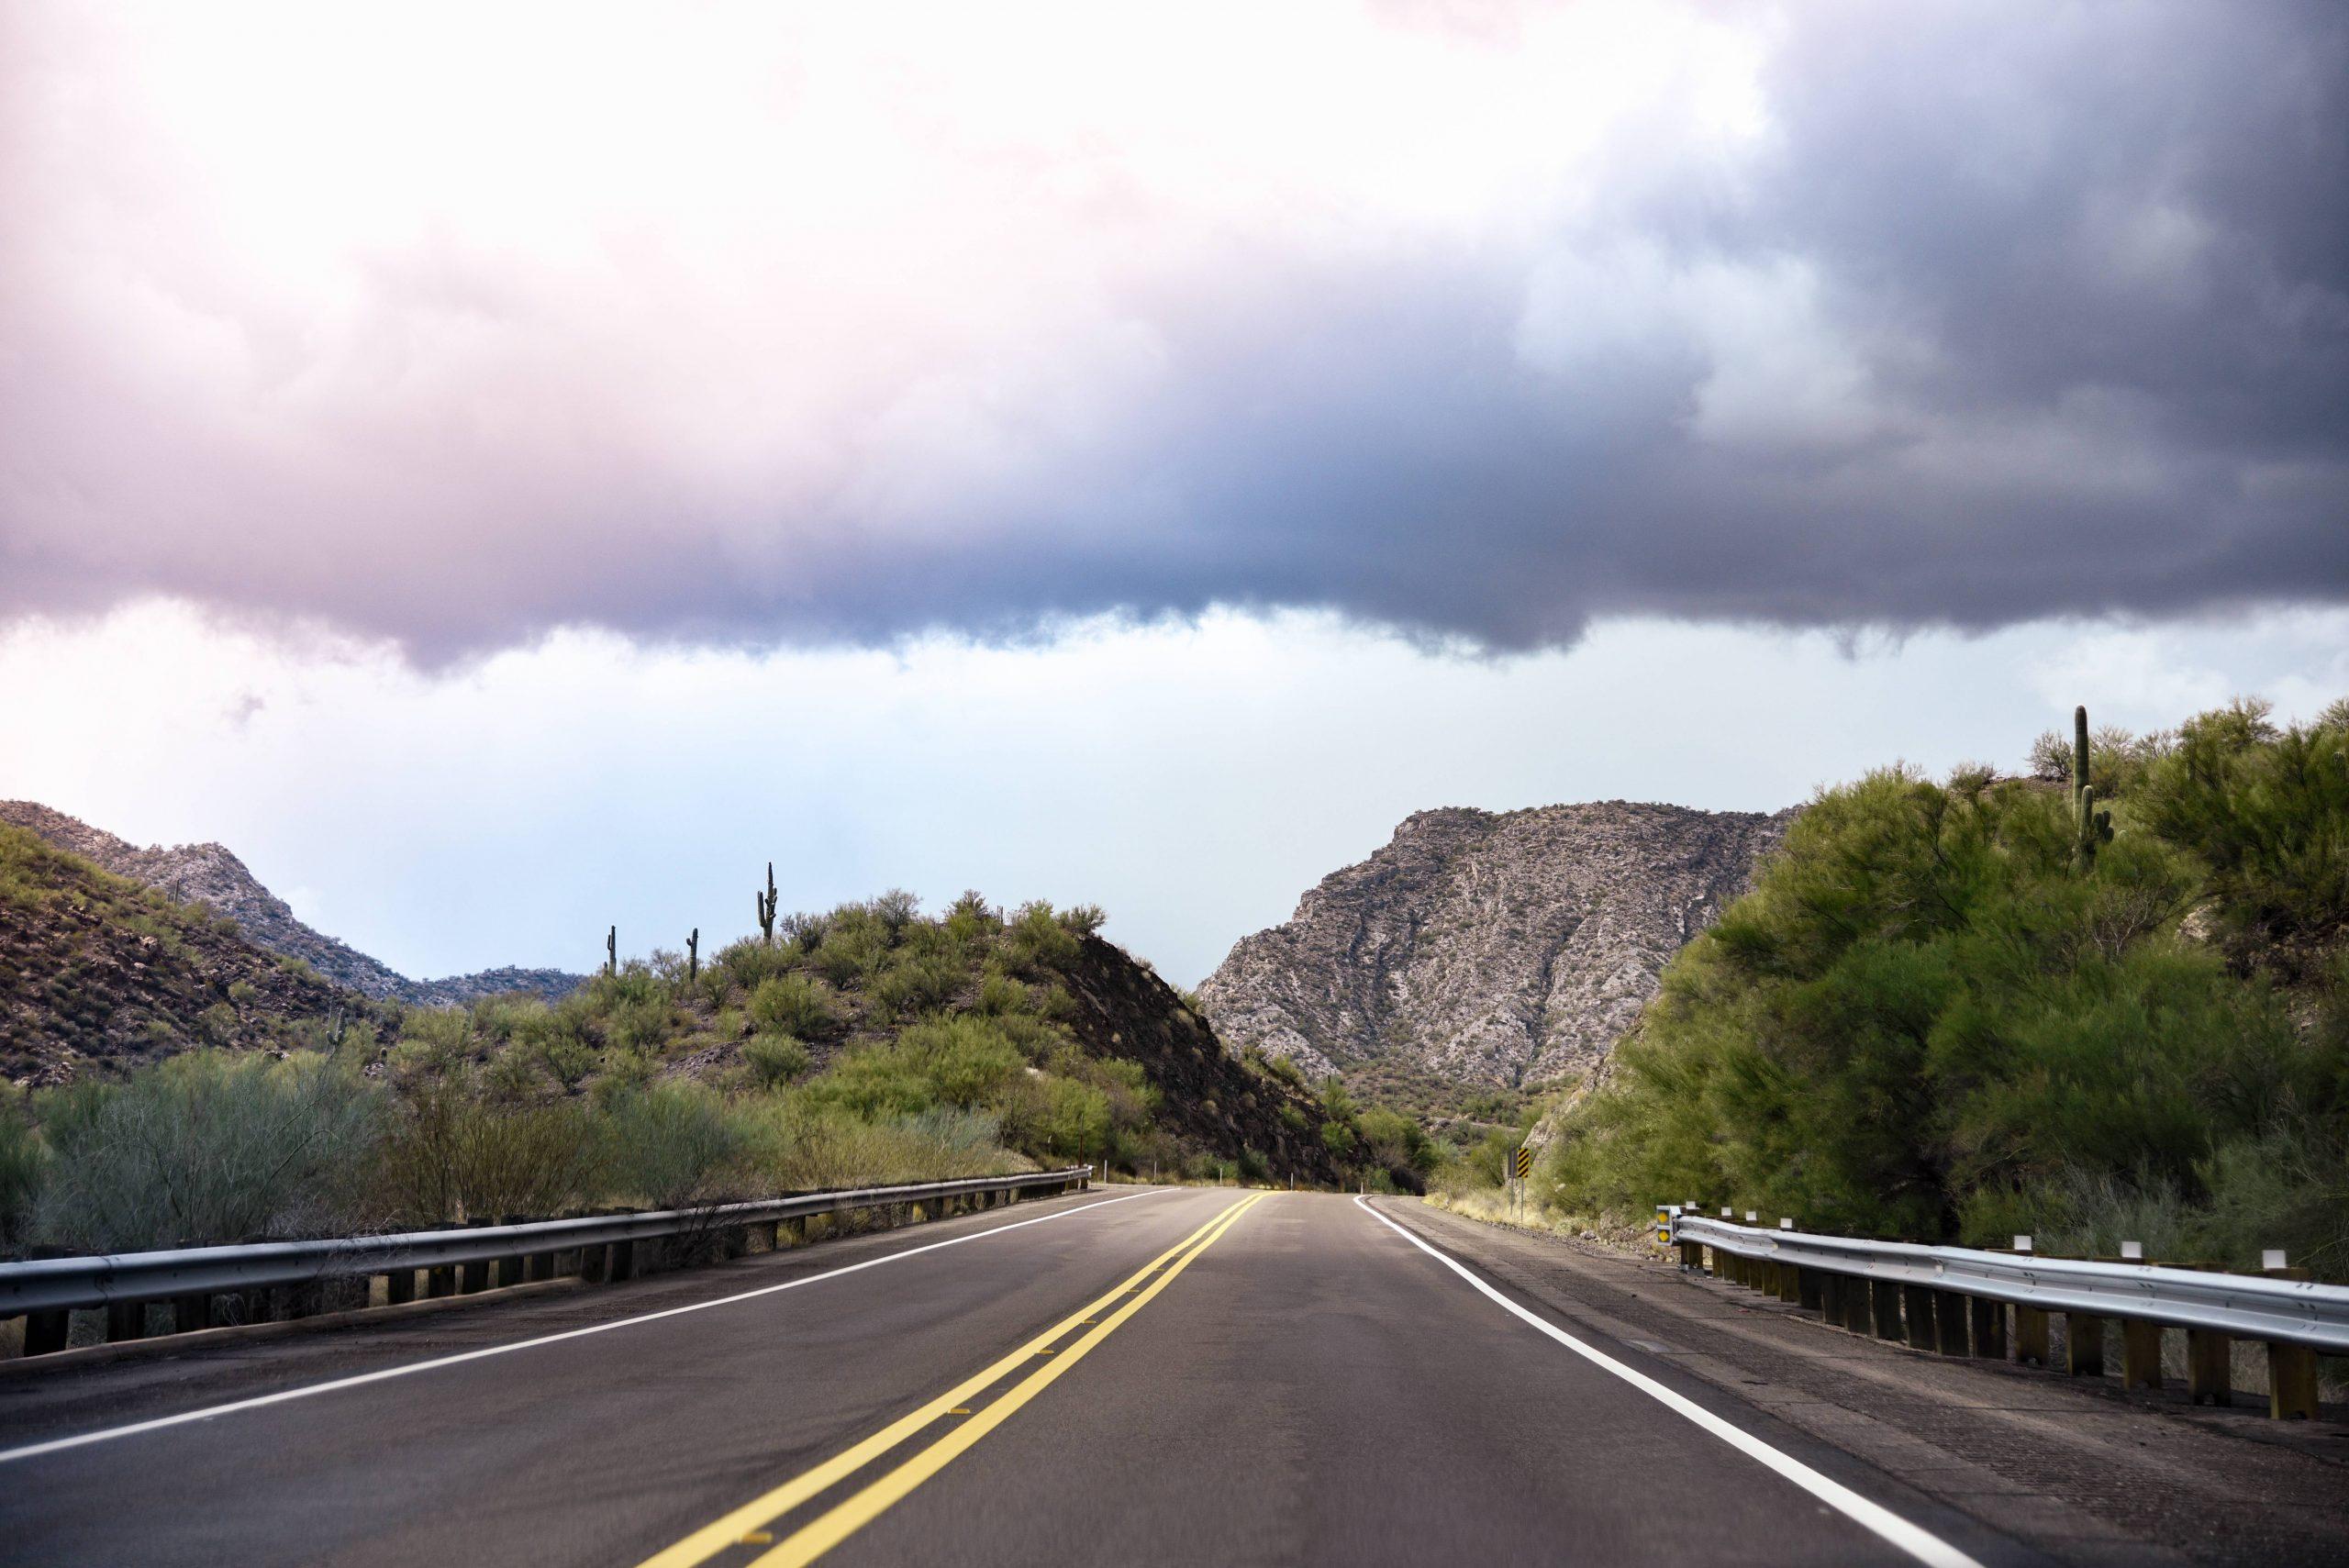 Unexpected Arizona